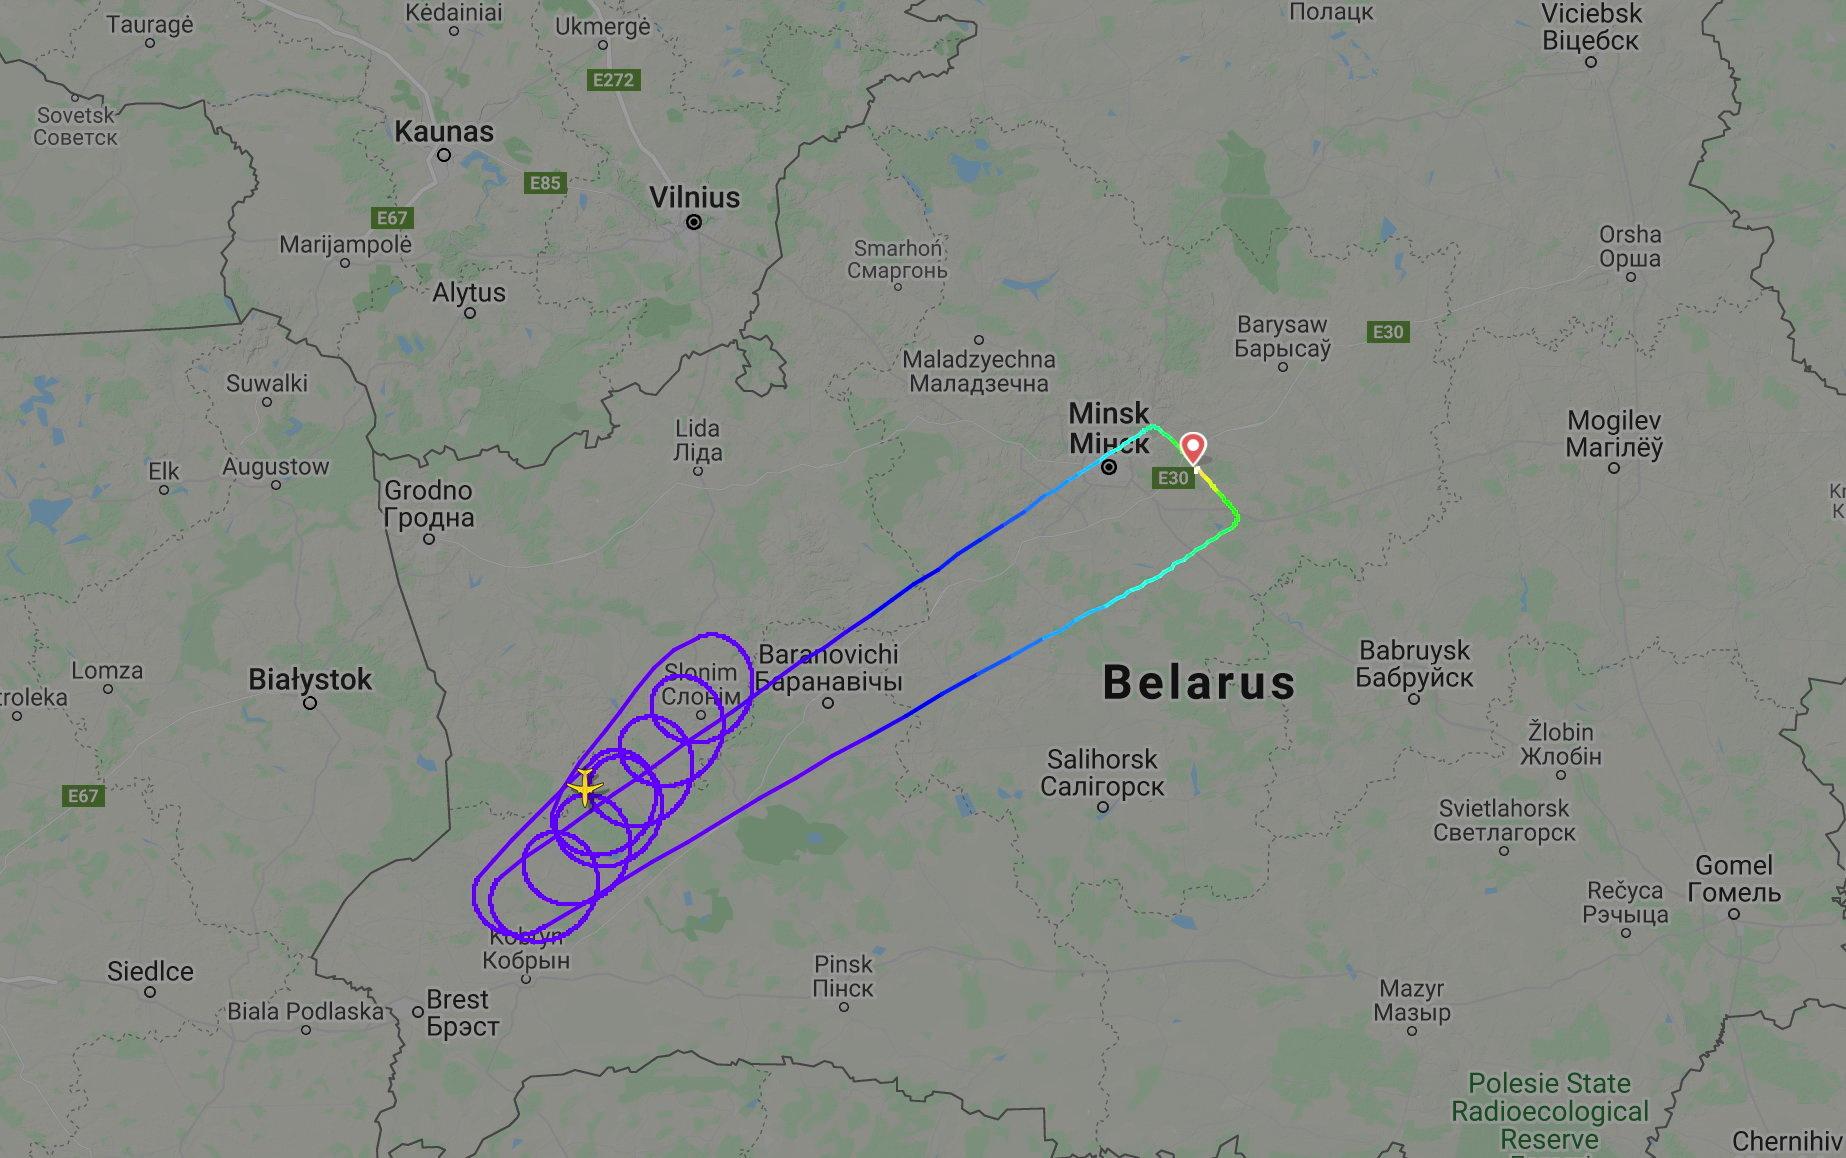 Λευκορωσία: Κατηγορεί τη Γαλλία για αεροπειρατεία επειδή δεν άφησε αεροπλάνο από το Μινσκ να περάσει από τον εναέριο χώρο της